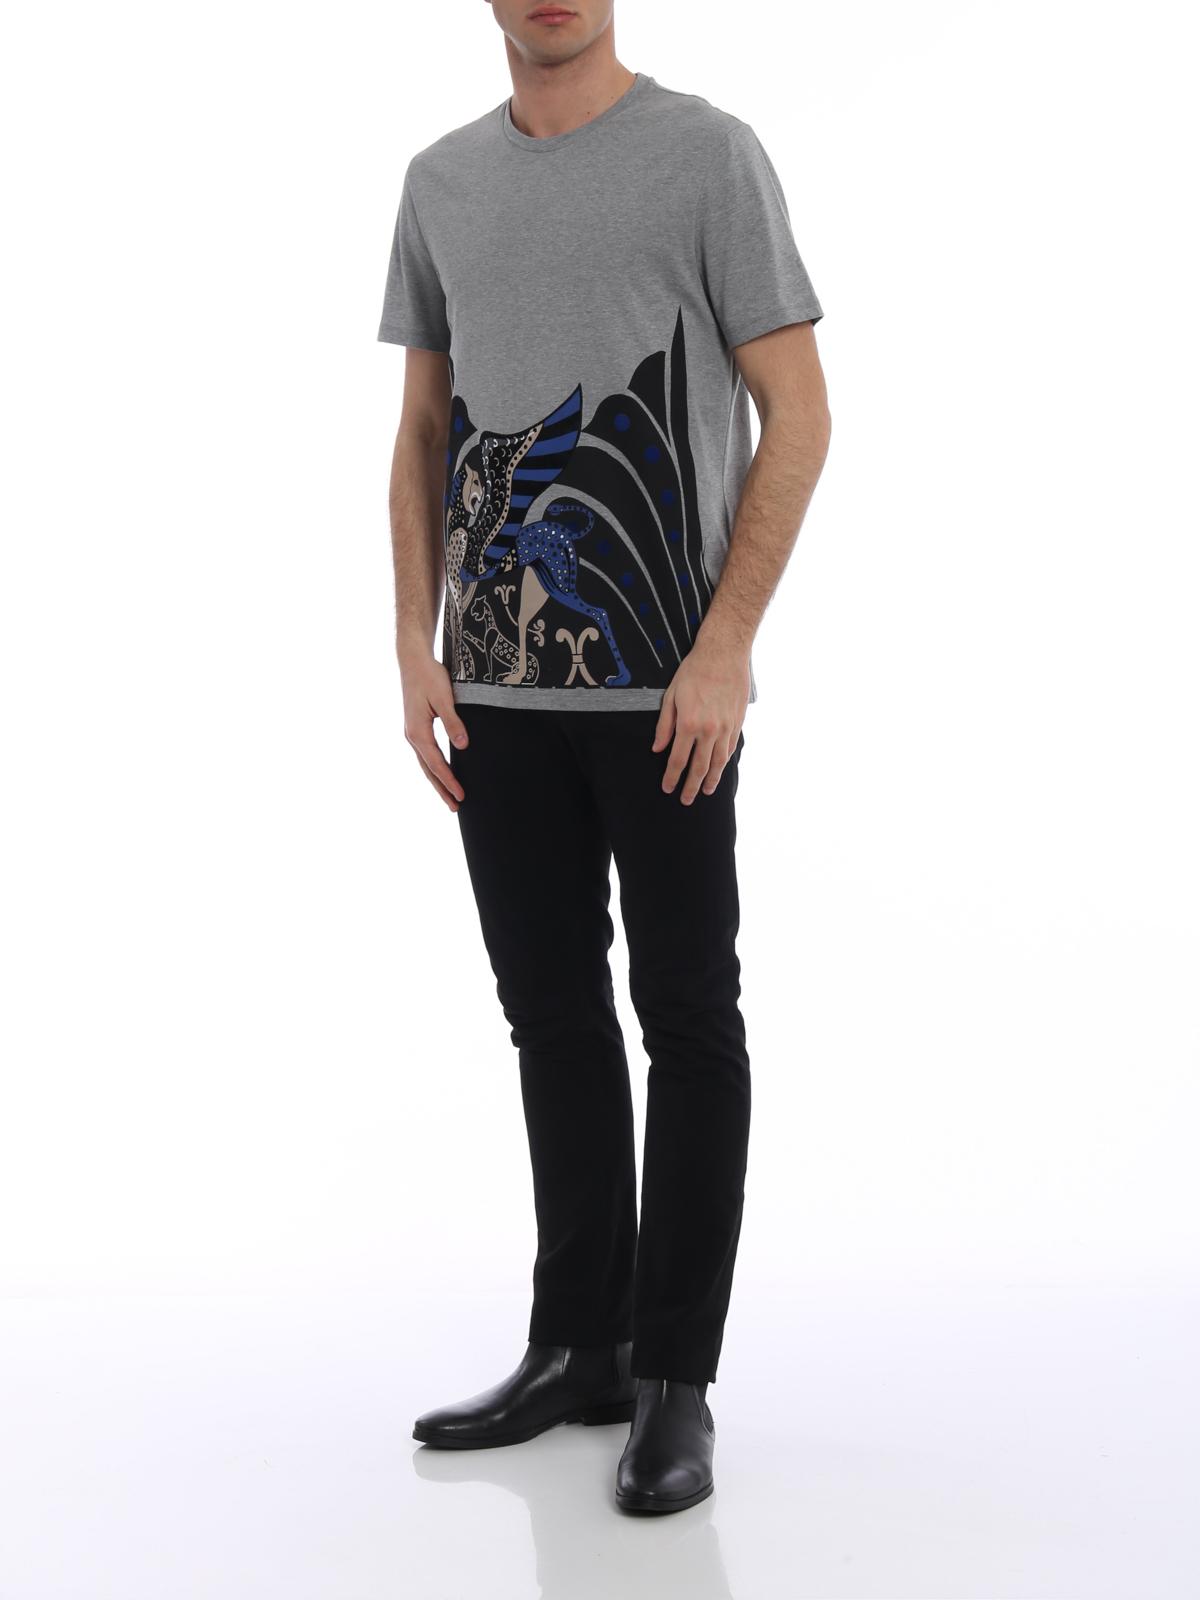 Versace Collection - T-Shirt - Grau - T-shirts - V800683VJ00515V8085 cb3f3cdc2d